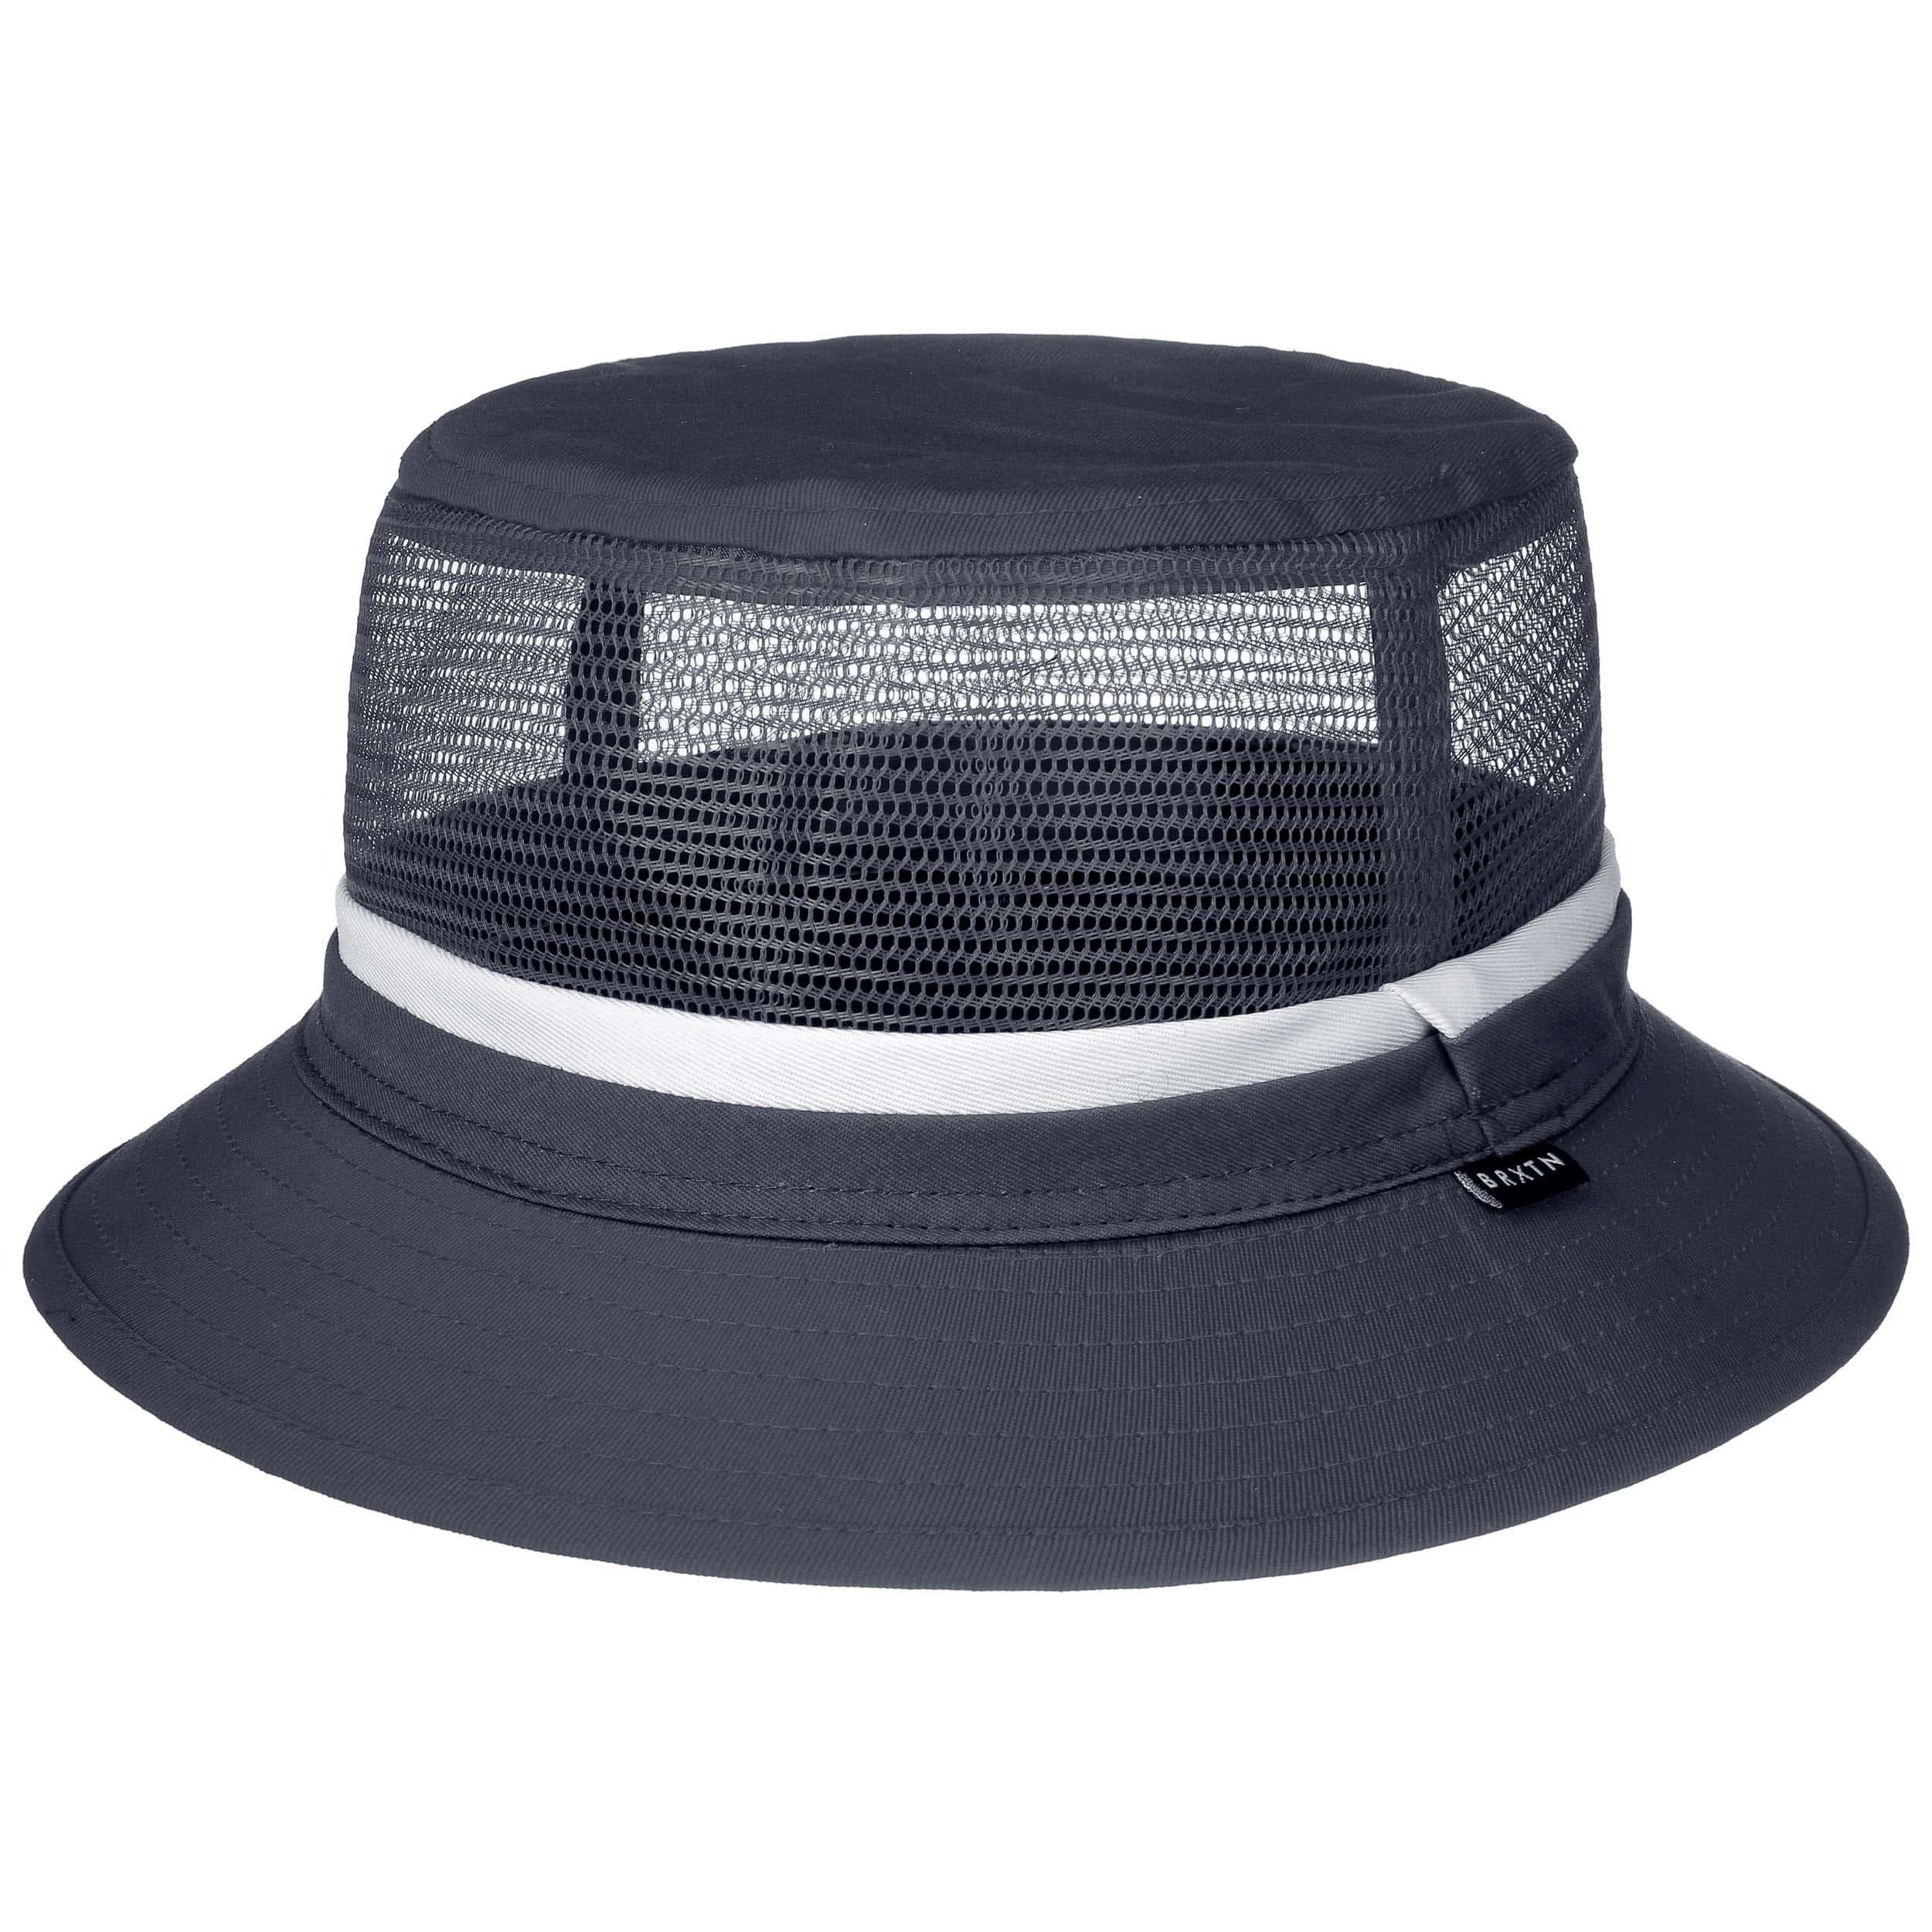 Mesh Bucket Hat by Brixton f944273b0a6